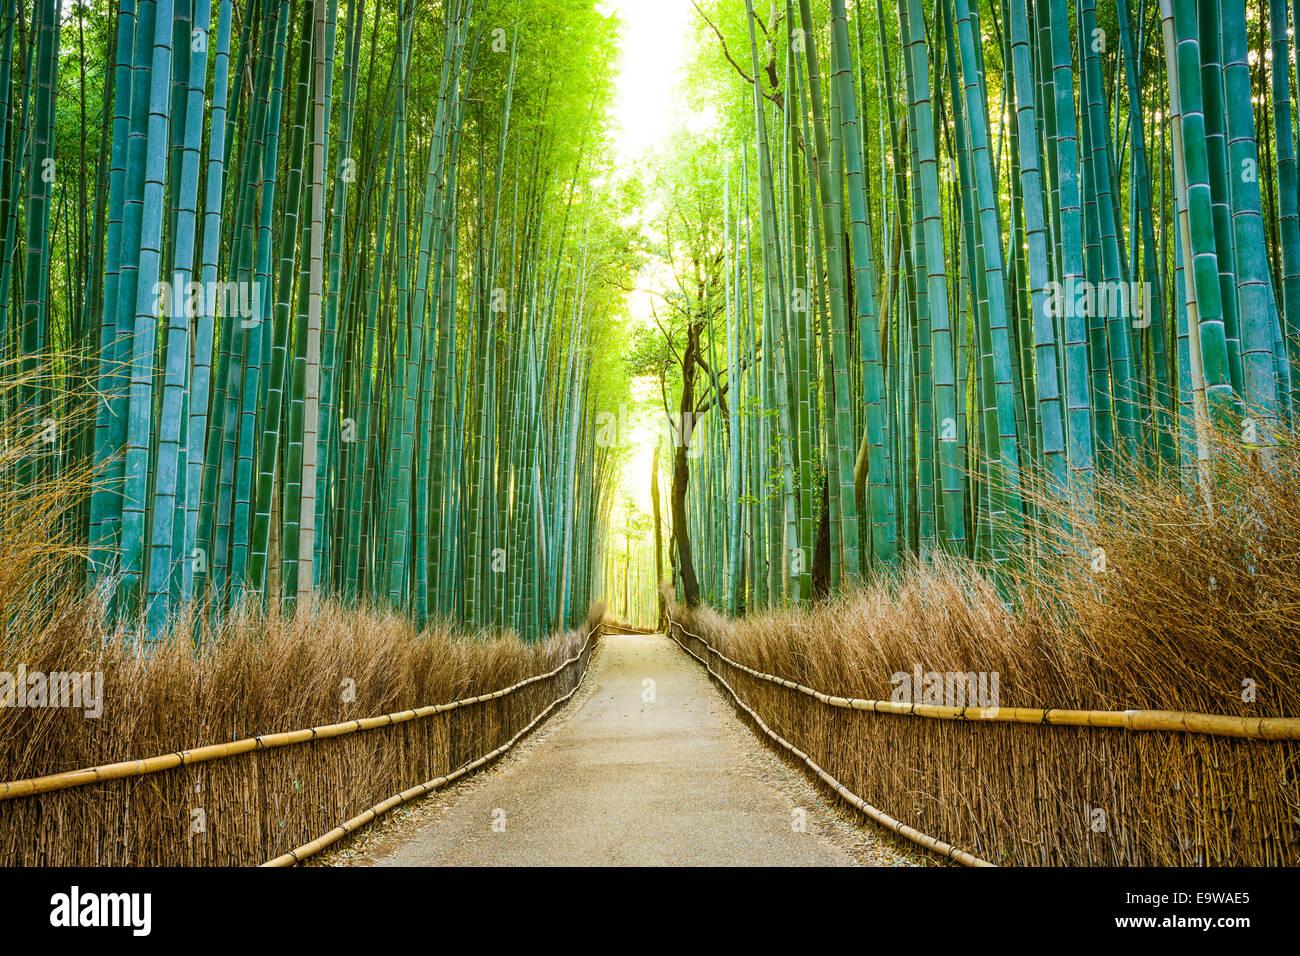 Kyoto, Giappone foresta di bamboo. Immagini Stock